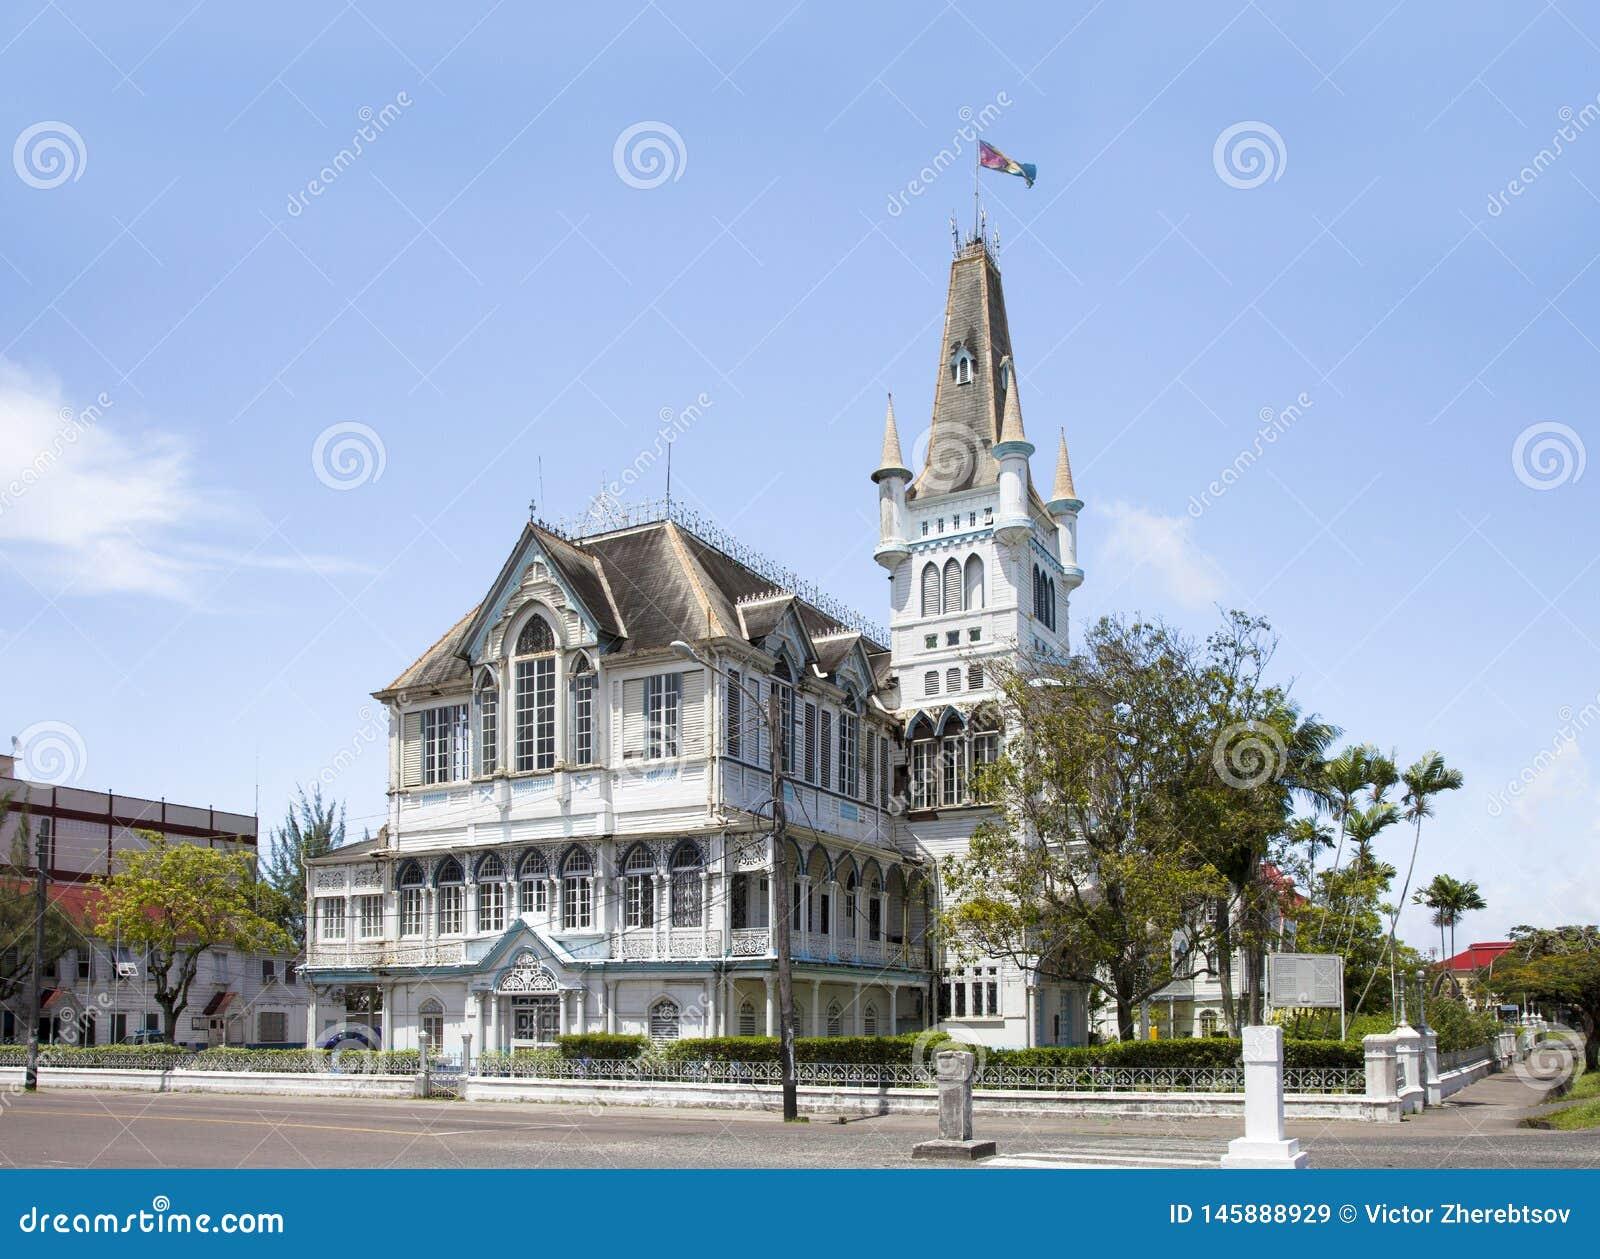 Взгляд старой, фантастическое здание со шпилем и башен, в готическом стиле